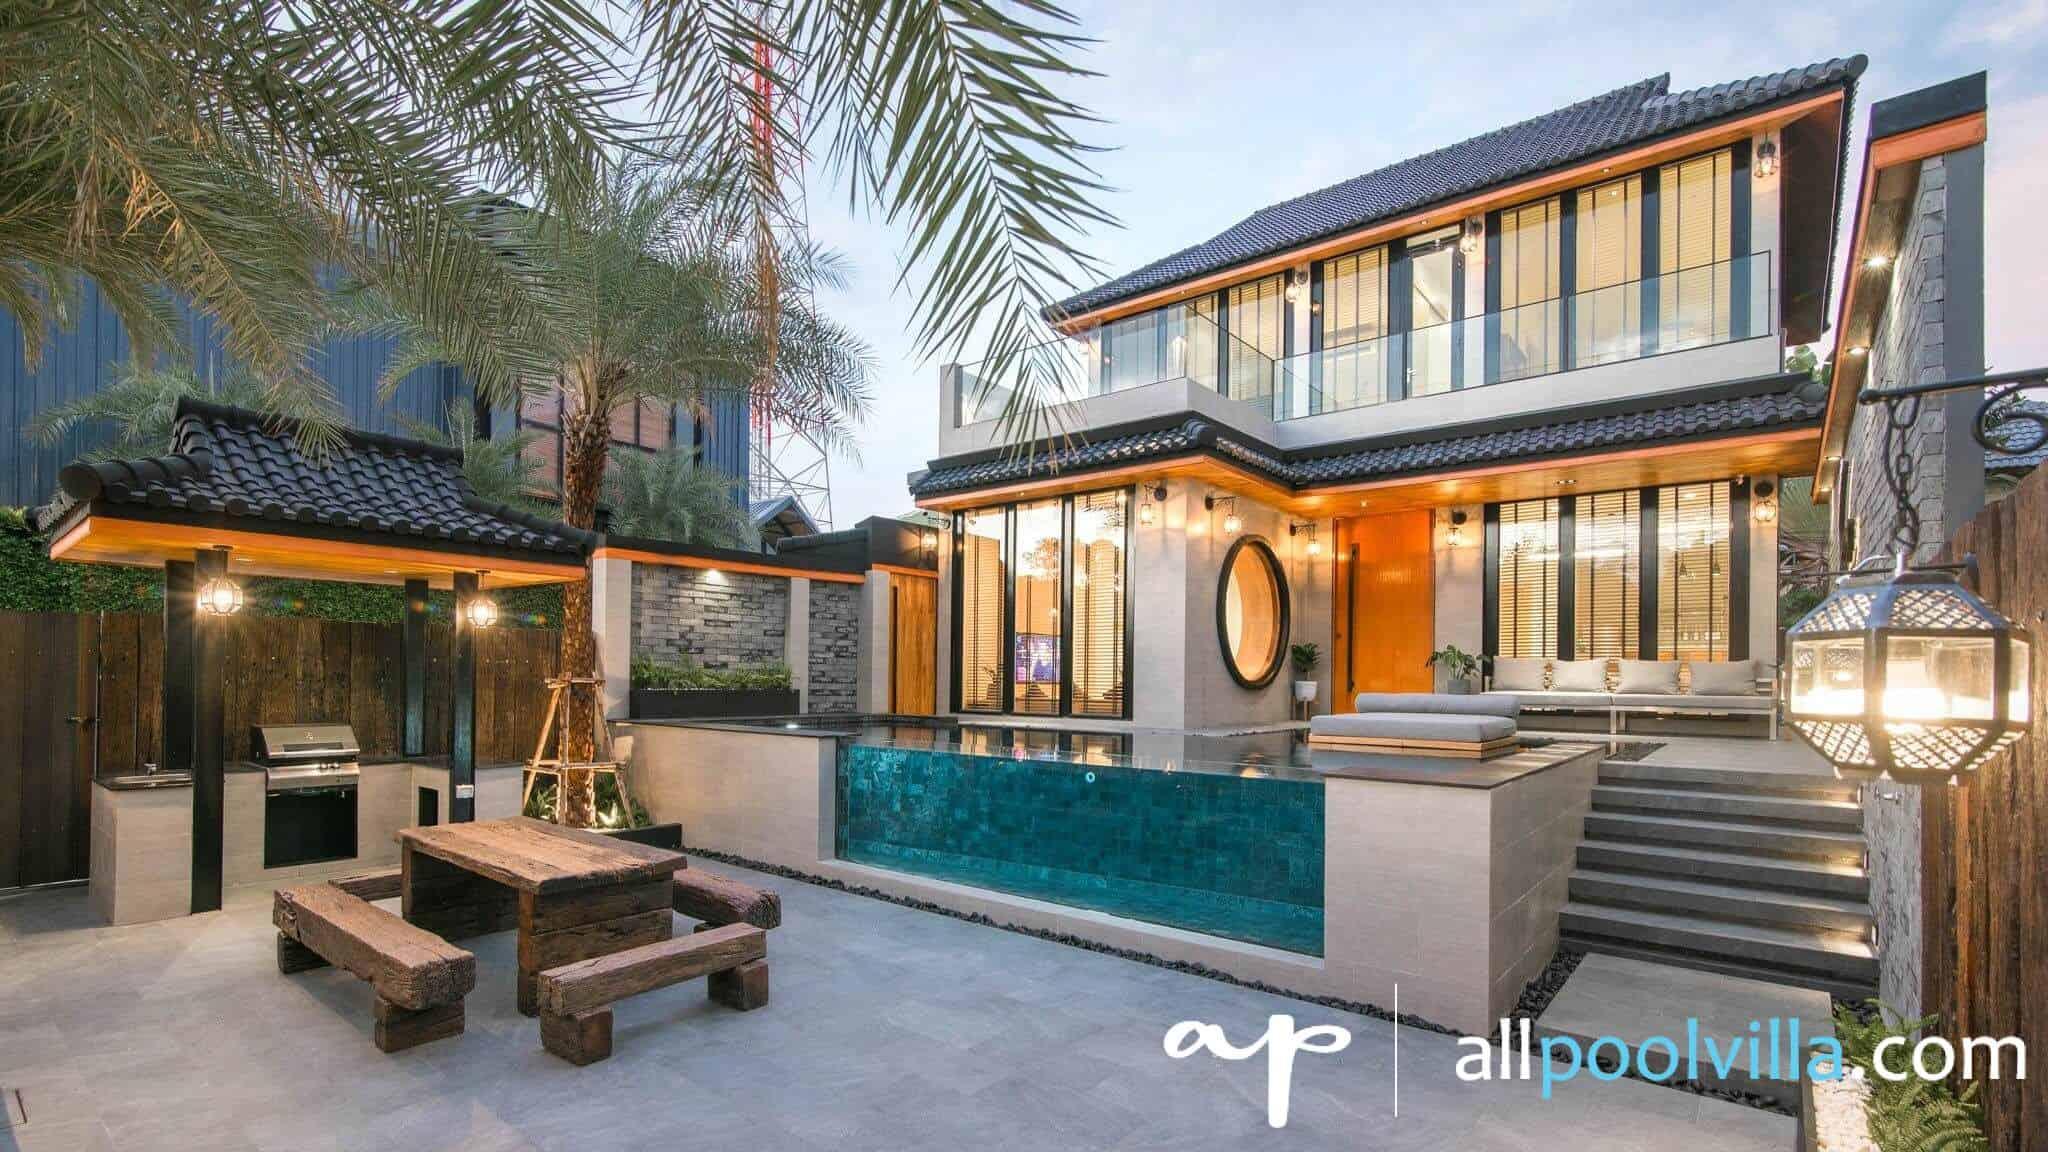 บรรยากาศบ้านพัก Takiab Paradise Pool Villa หัวหิน-1